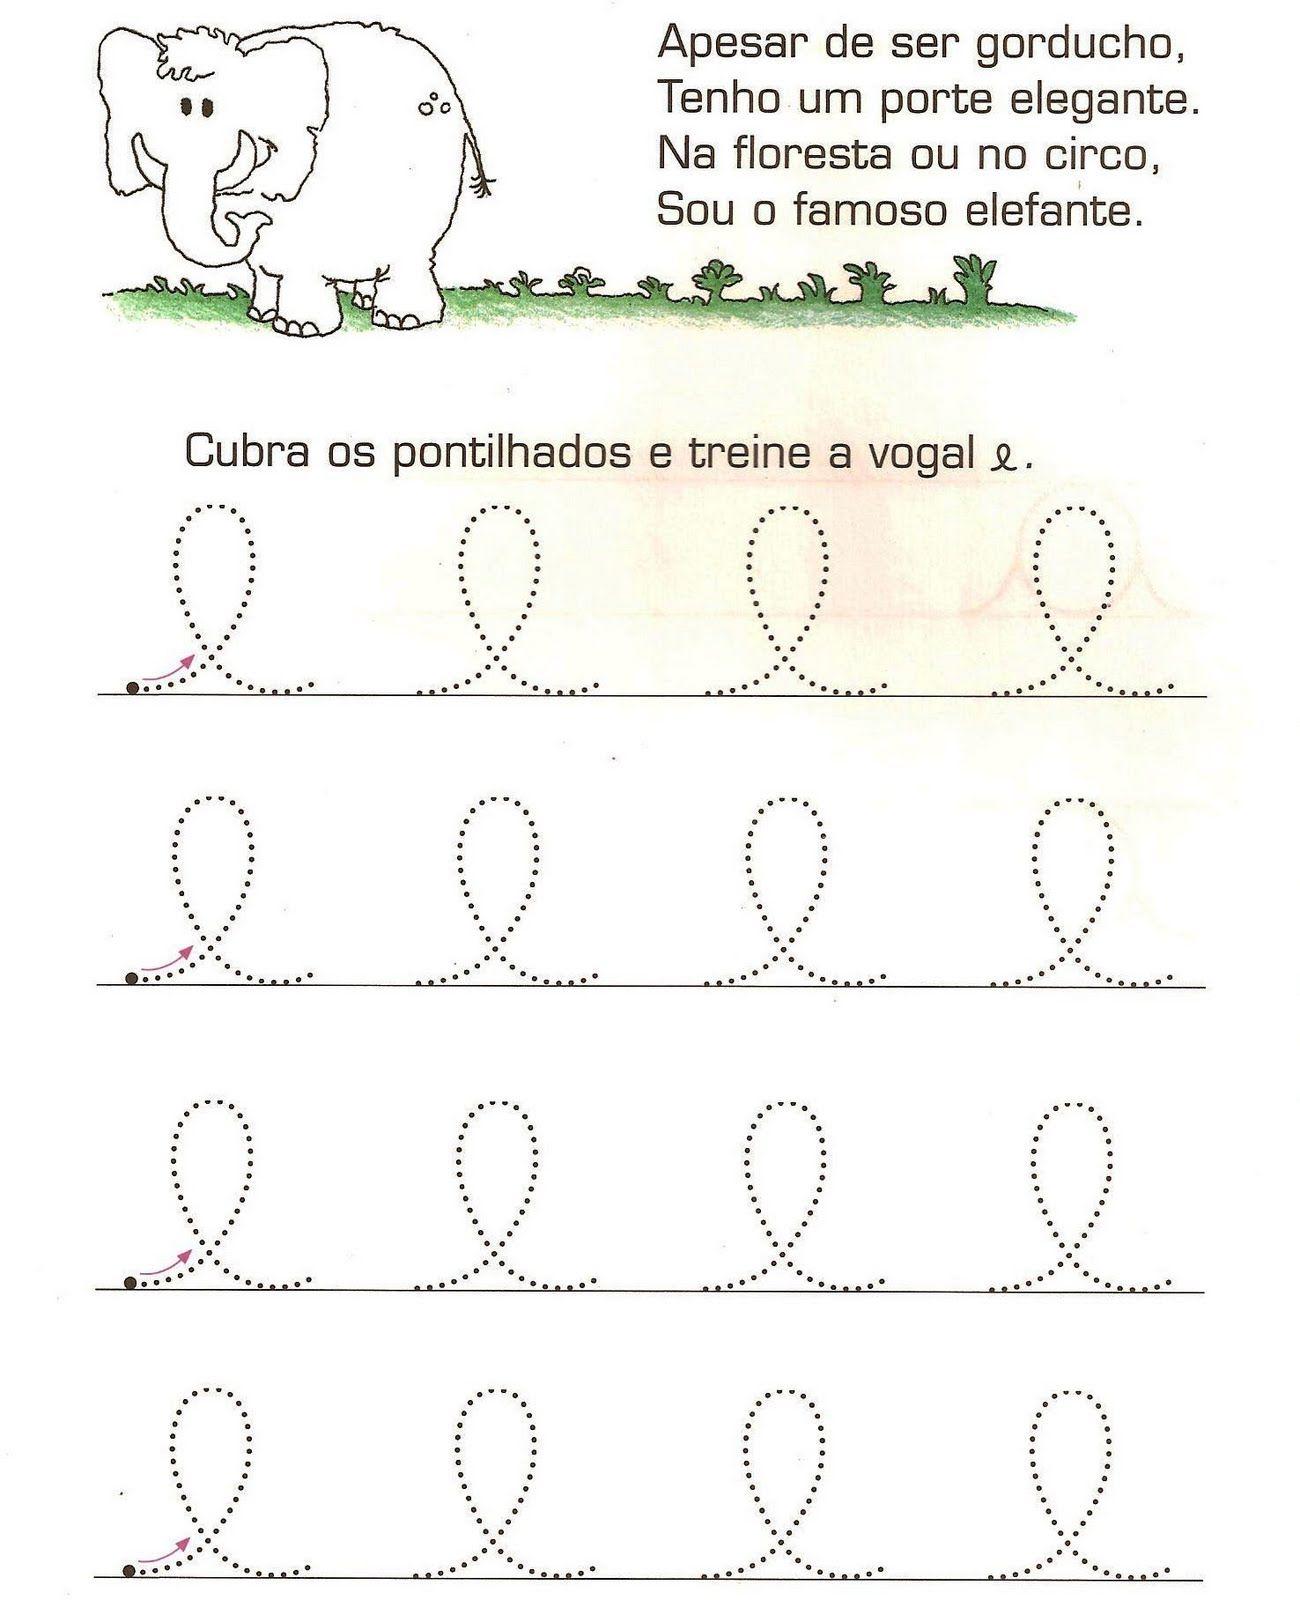 Ensinando A Letra Cursiva Ola Na Fase De Alfabetizacao A Letra